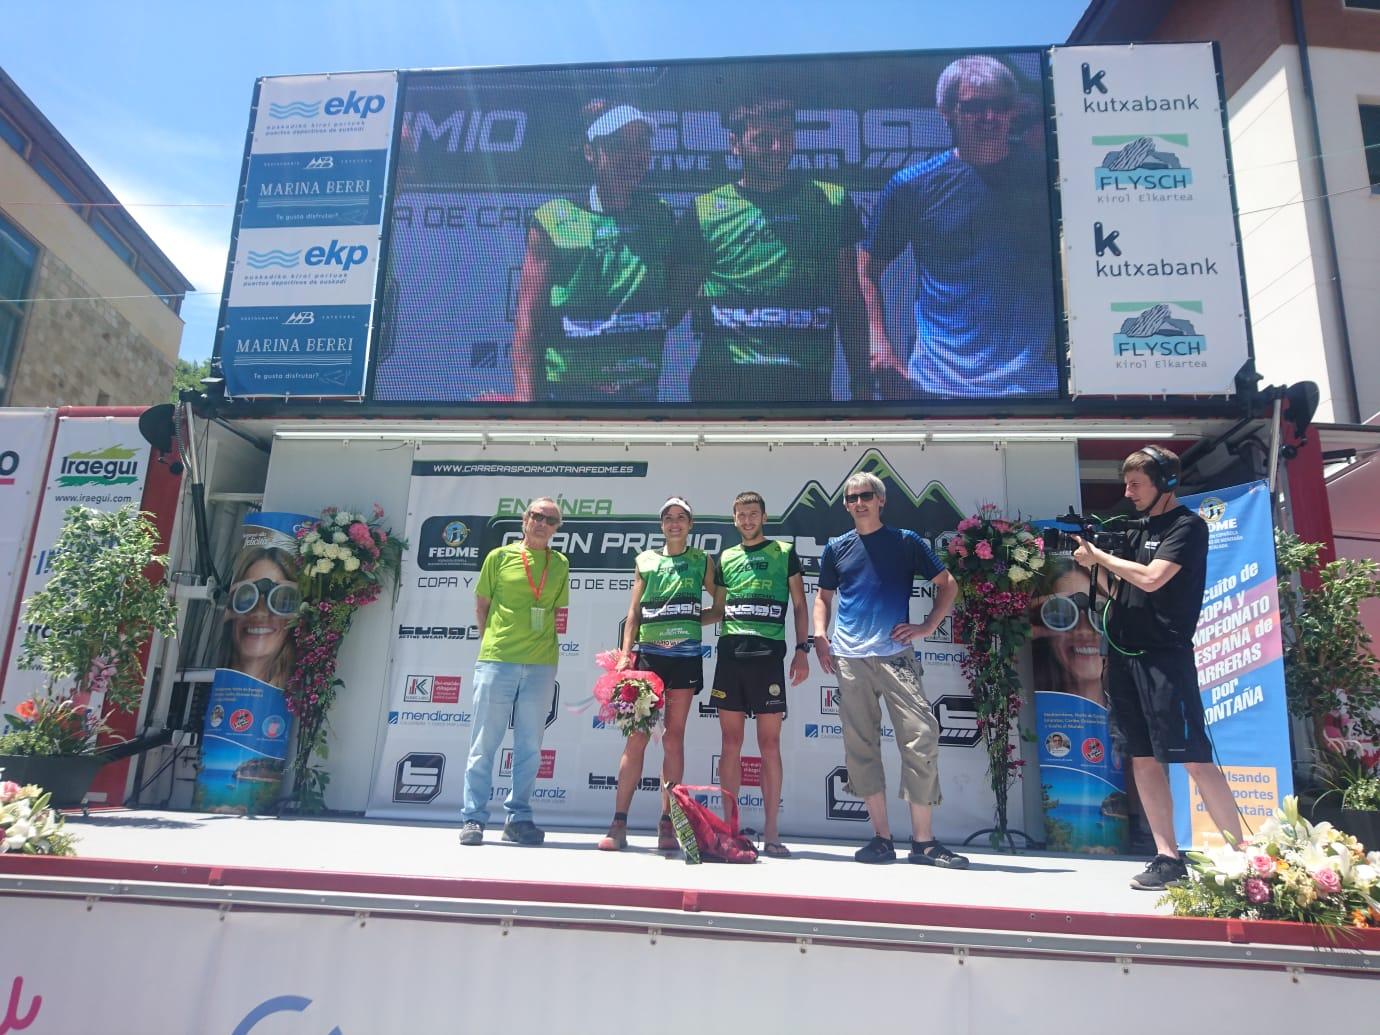 Walther Becerra y Sandra Sevillano vencedores de la ZUMAIA FLYSCH TRAIL, cuarta prueba de la Copa de Espa�a de Carreras por Monta�a en L�nea - FEDME